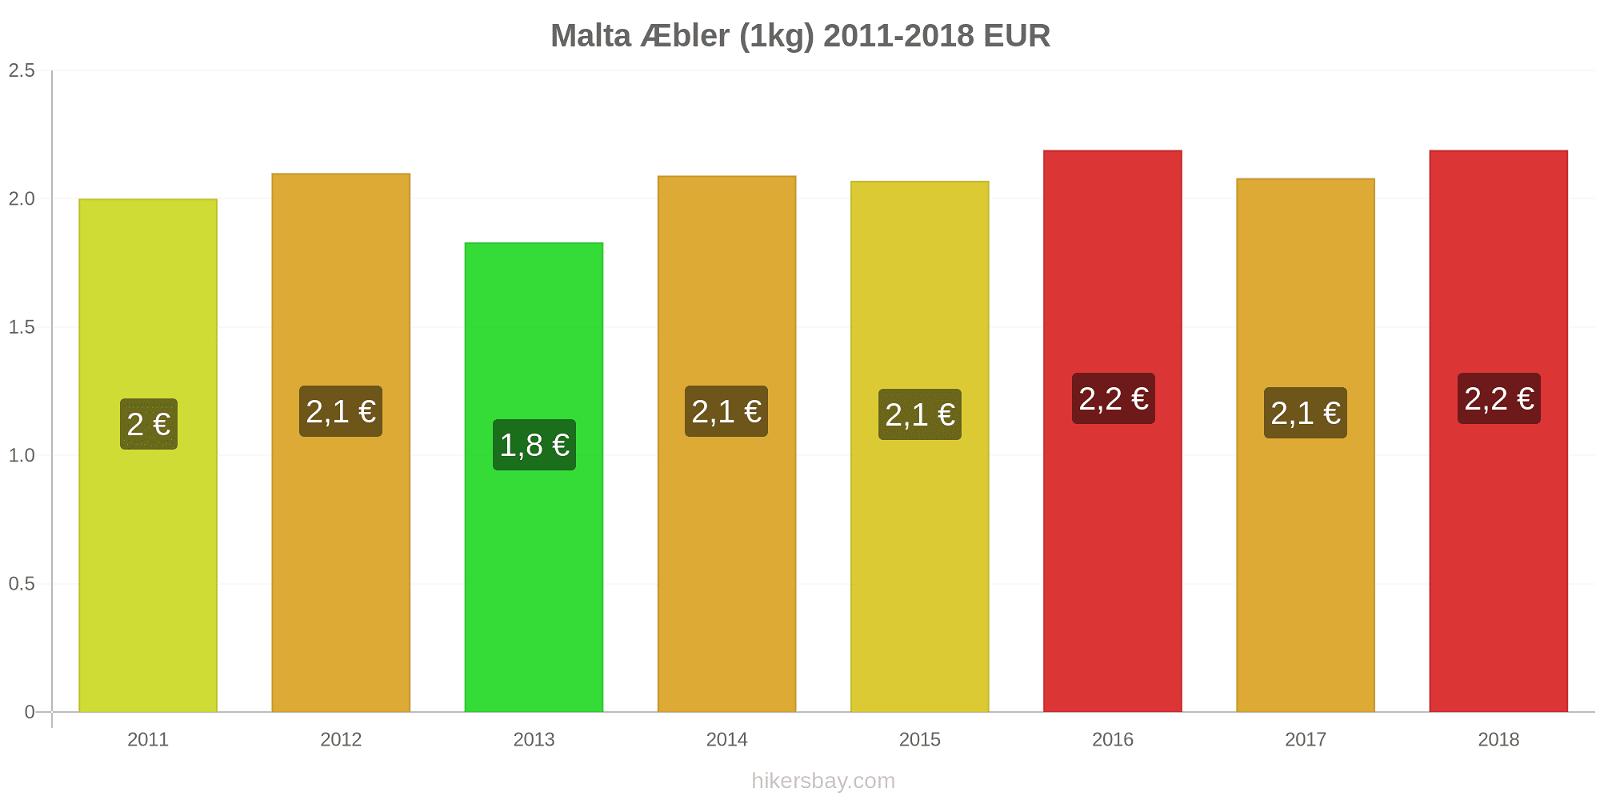 Malta prisændringer Æbler (1kg) hikersbay.com